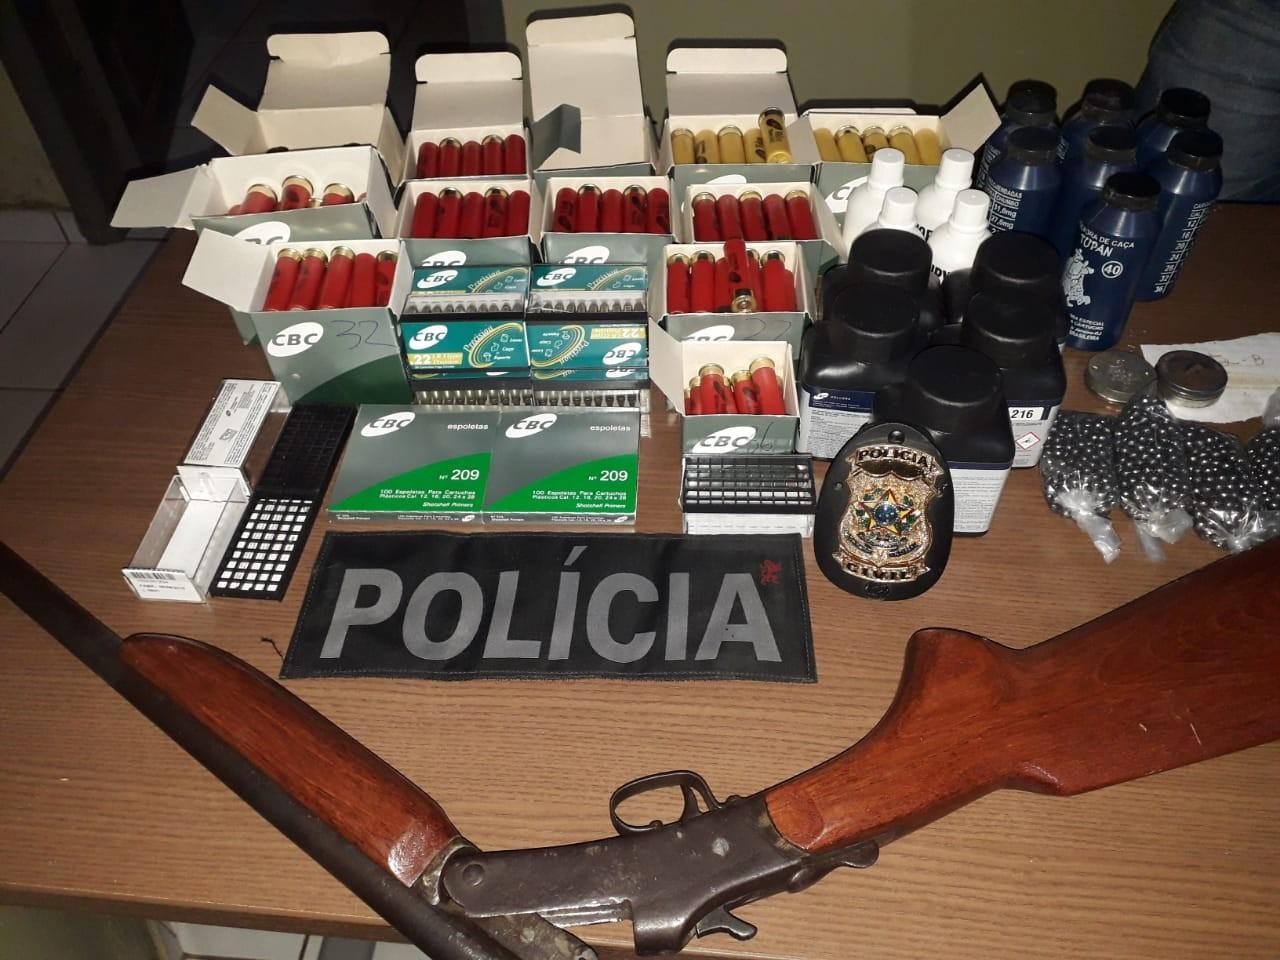 Comerciante é preso por venda ilegal de munições em Capixaba, no interior do Acre